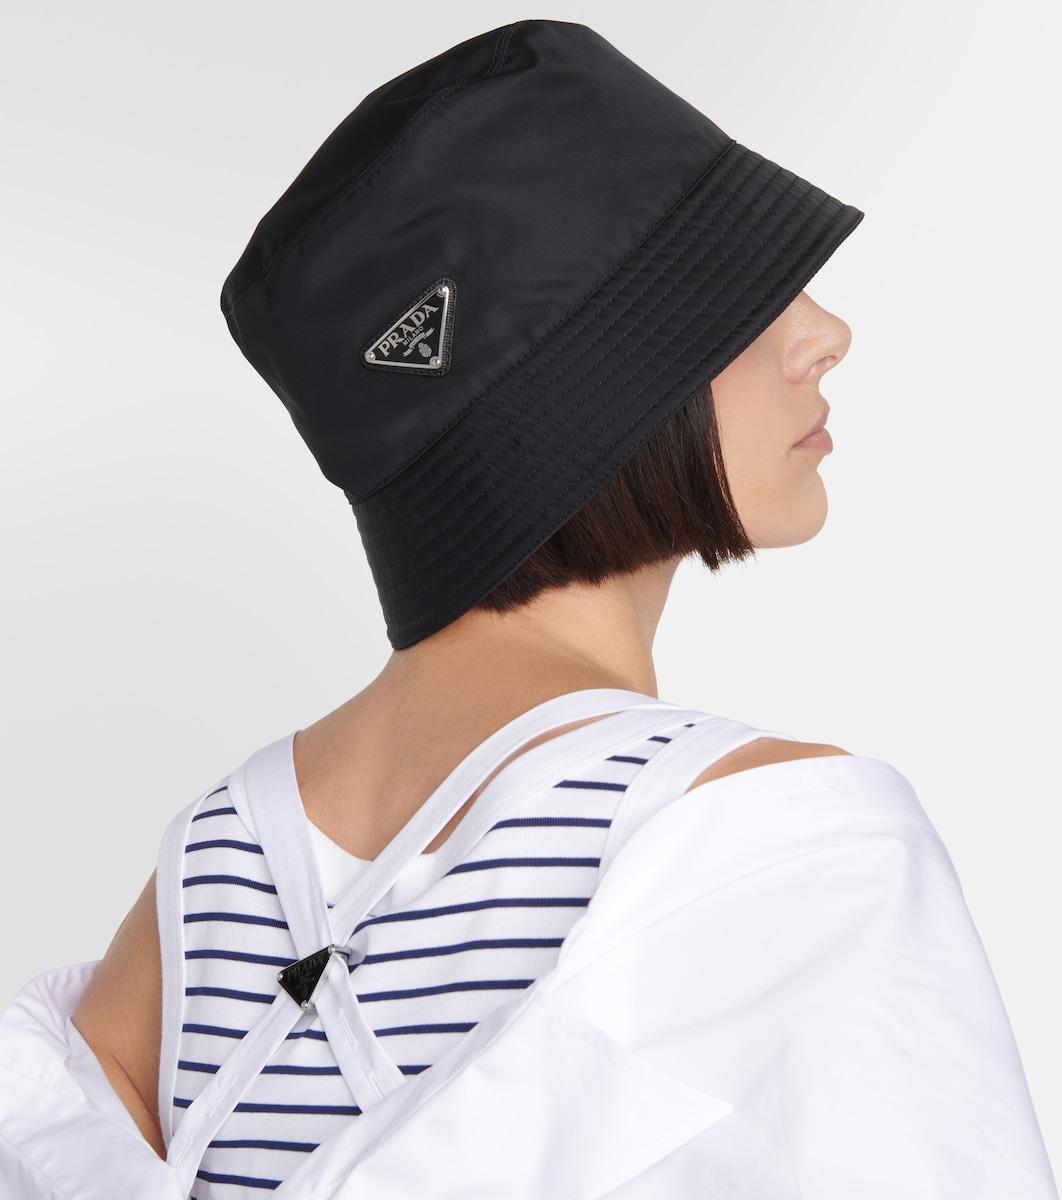 2622e009 Logo-Embellished Bucket Hat - Prada   mytheresa.com